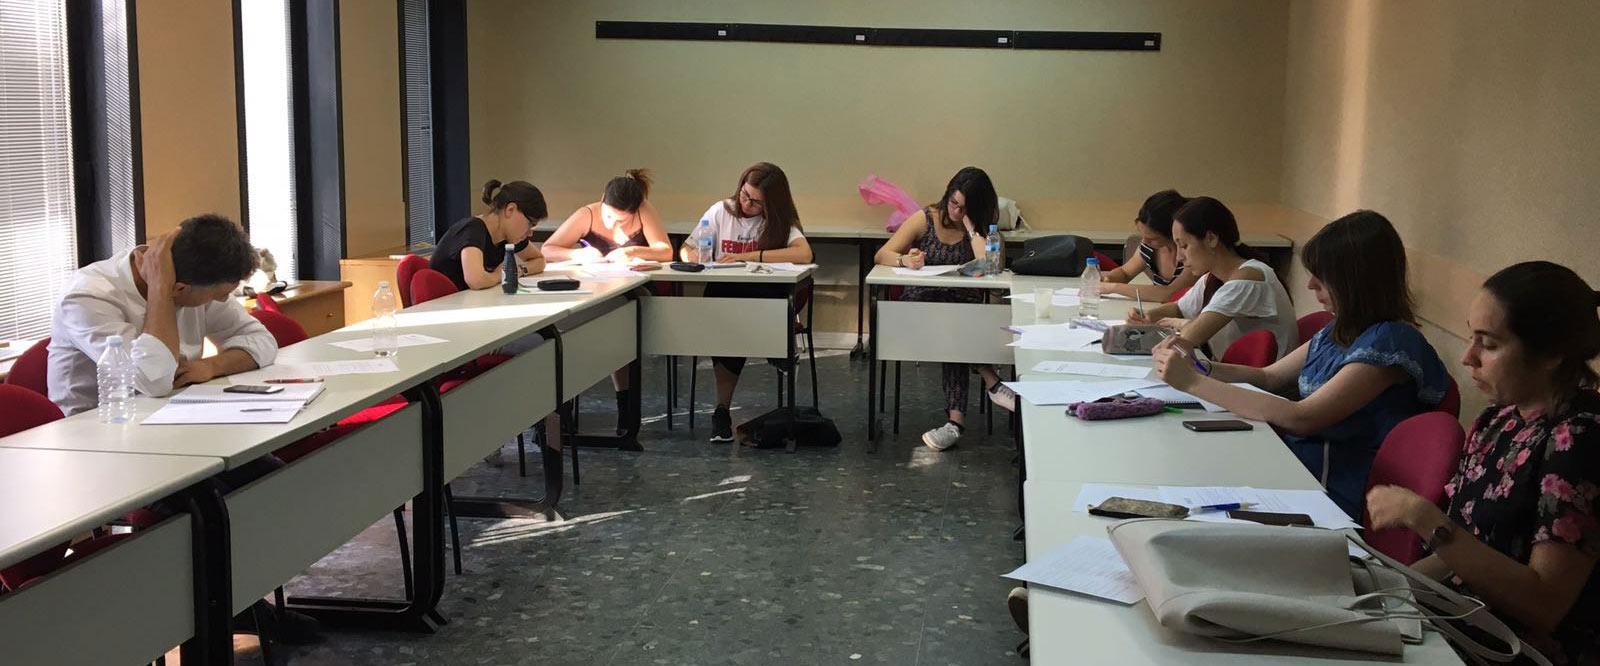 InnOrbita imparte un taller de competencias en la Complutense